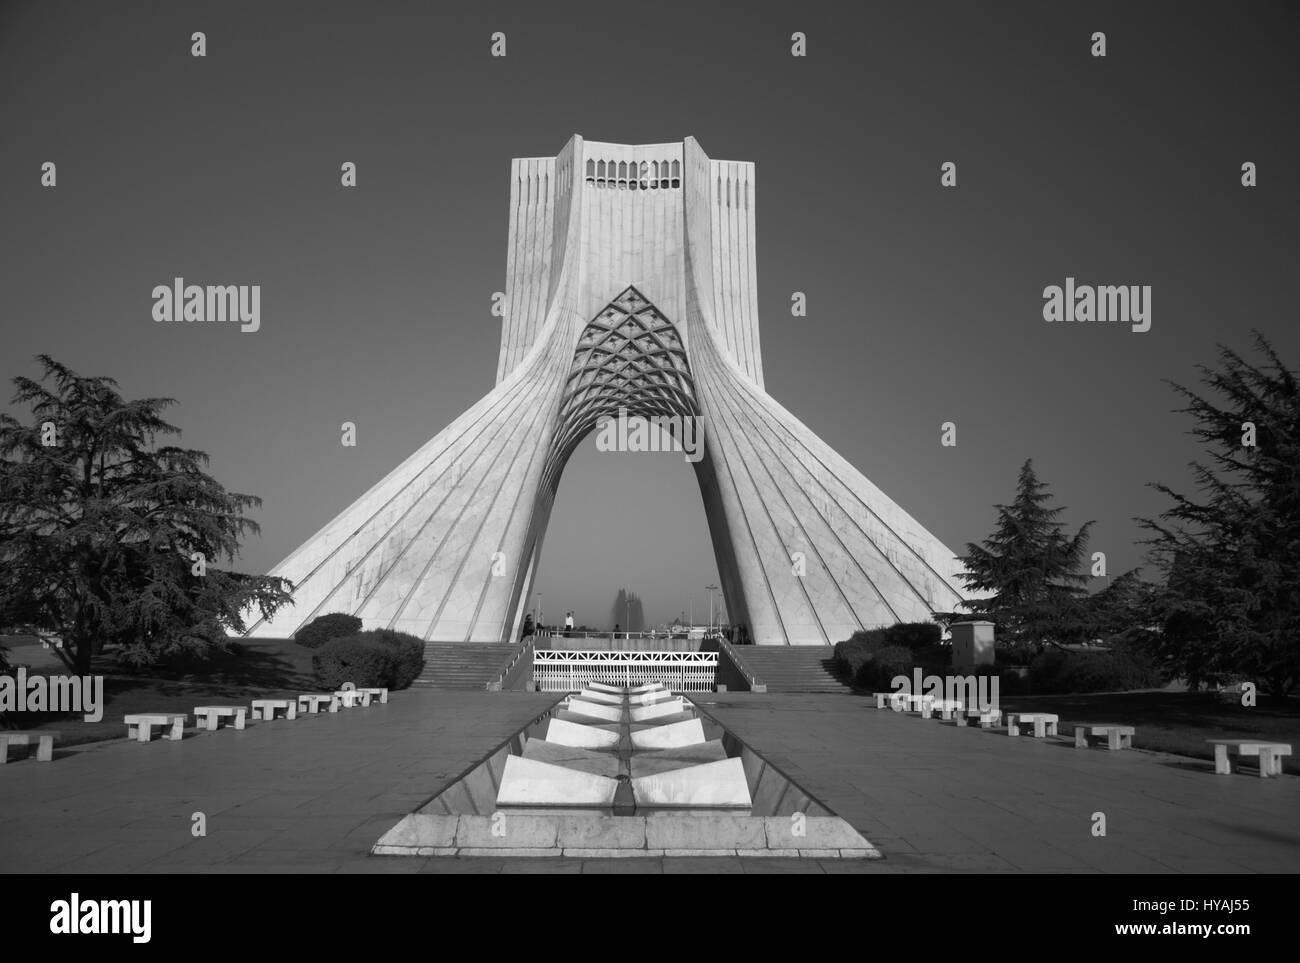 Image Monochrome de la tour Azadi, anciennement Tour Shahyad, place Azadi, Téhéran, République islamique Photo Stock